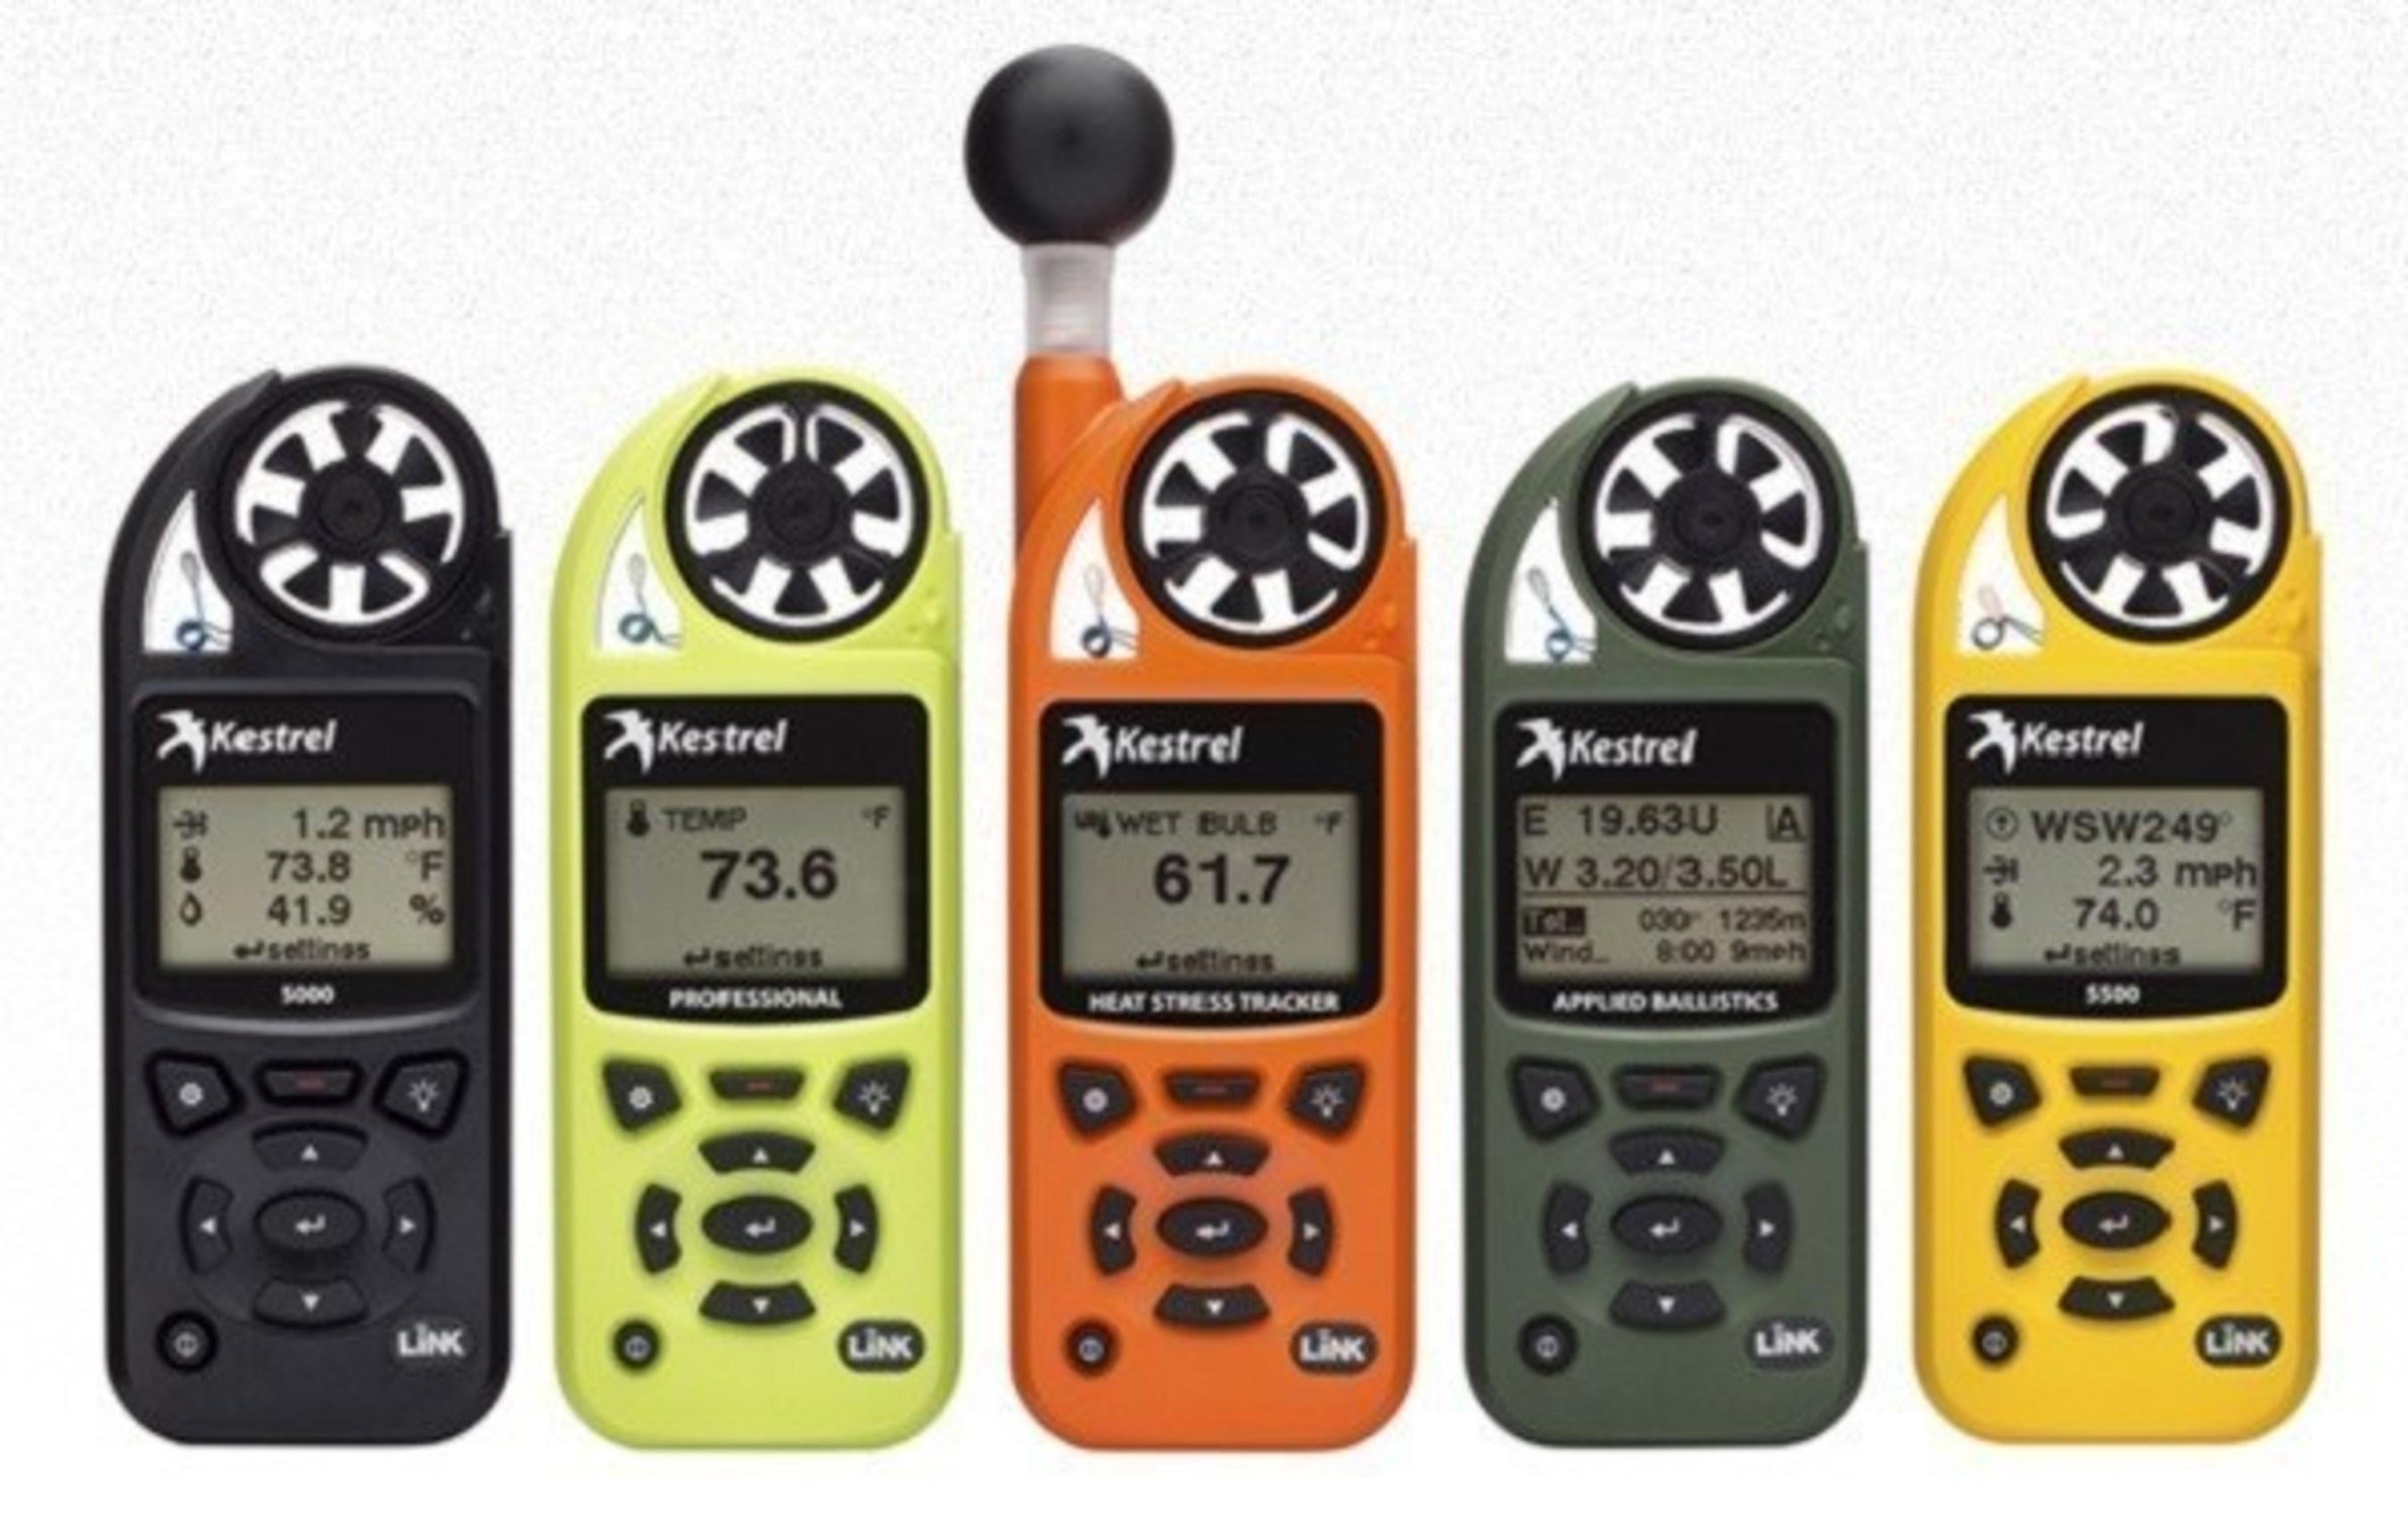 Nielsen-Kellerman Introduces New Kestrel 5 Series